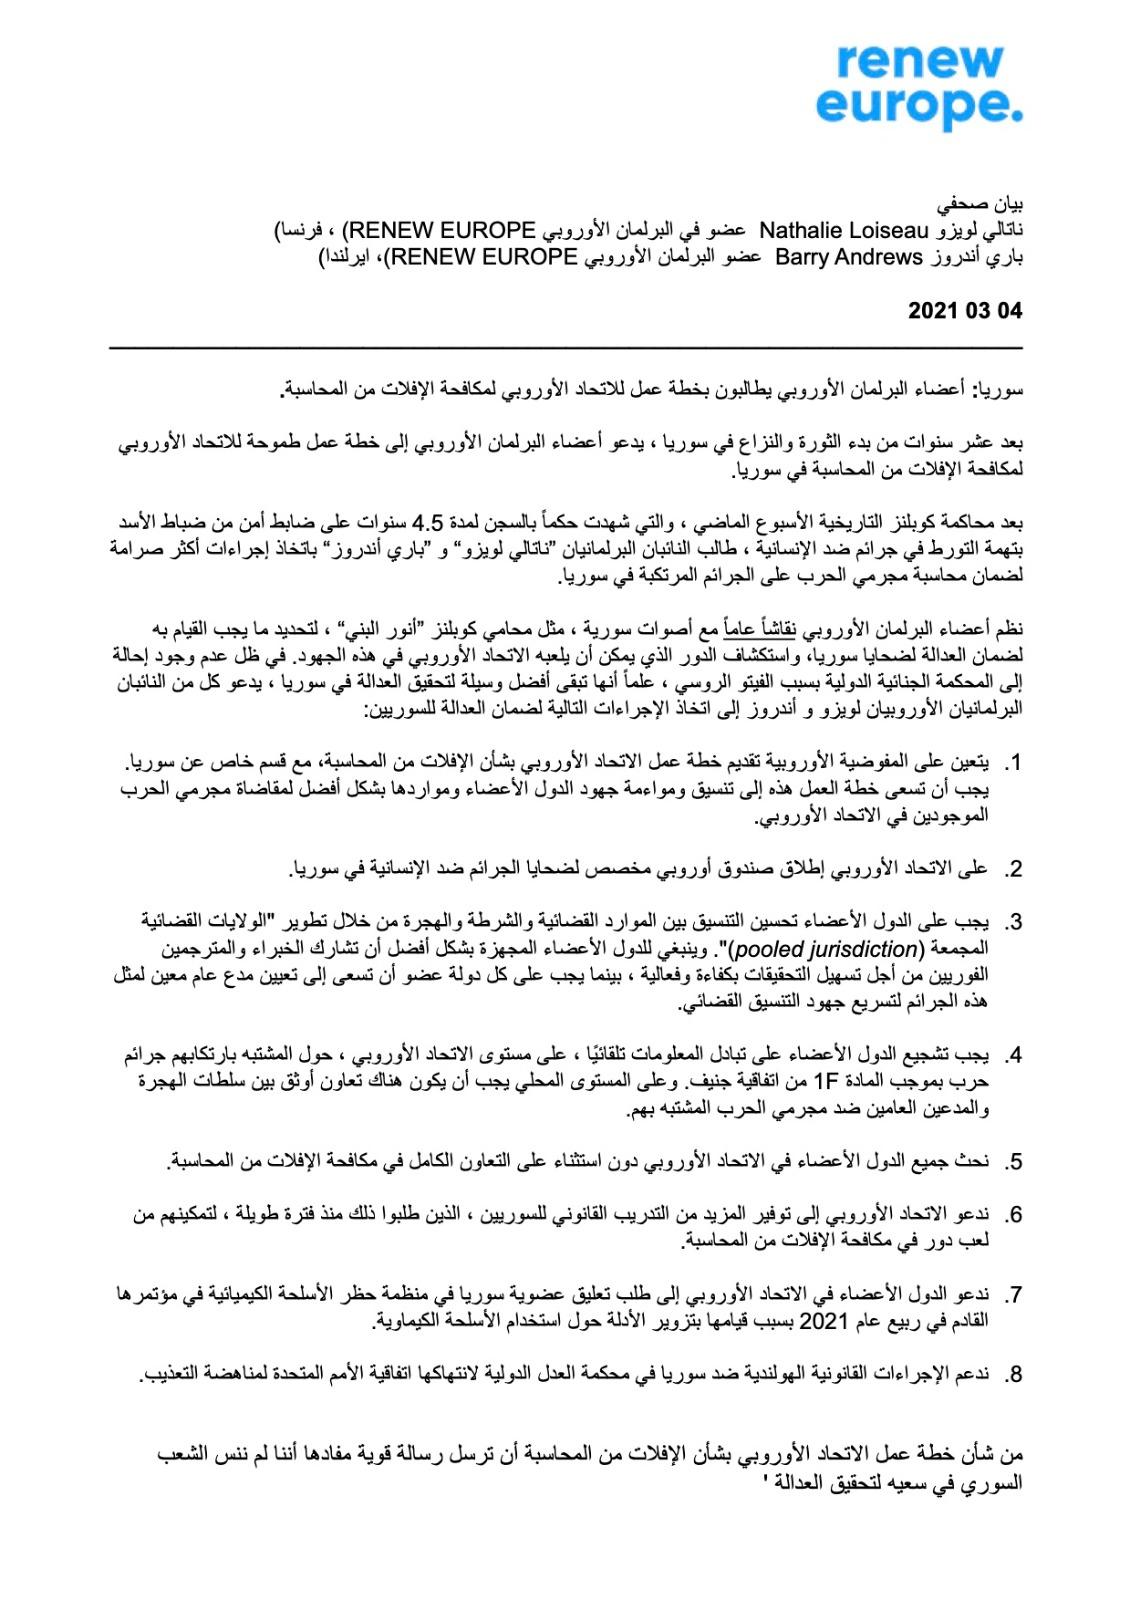 """بيان صحفي صادر من منظمة """"renew europe"""" بعد جسلة حوارية بشأن تحديد دور الاتحاد الأوروبي بالمحاسبة في سوريا- 4 من آذار 2021"""